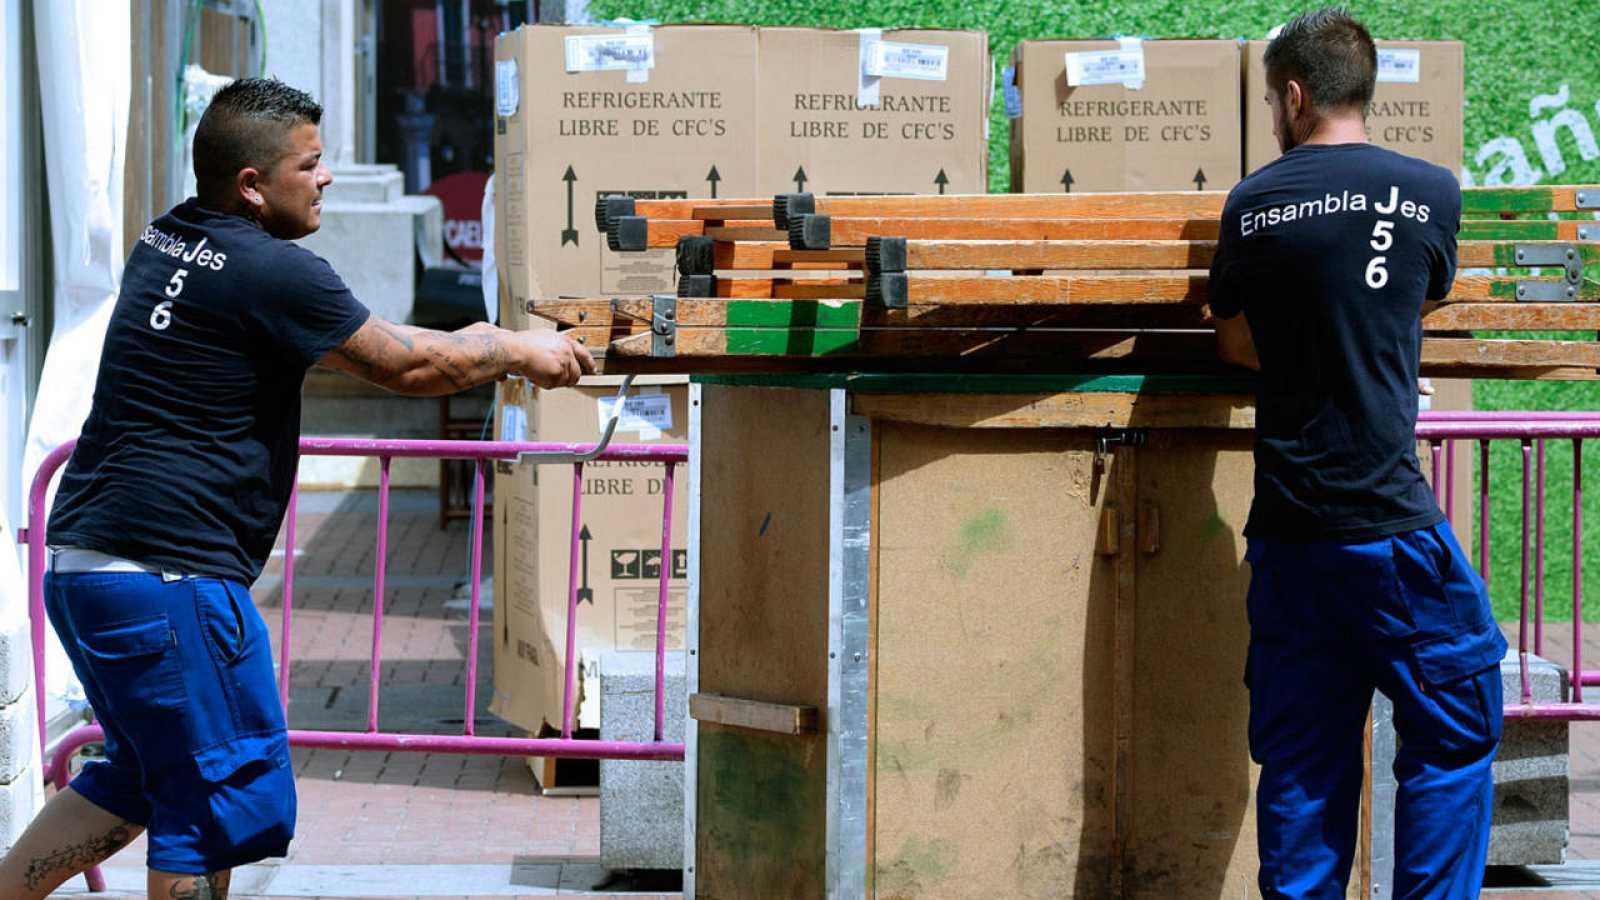 Dos operarios trabajan en una calle de Valladolid en una imagen de archivo